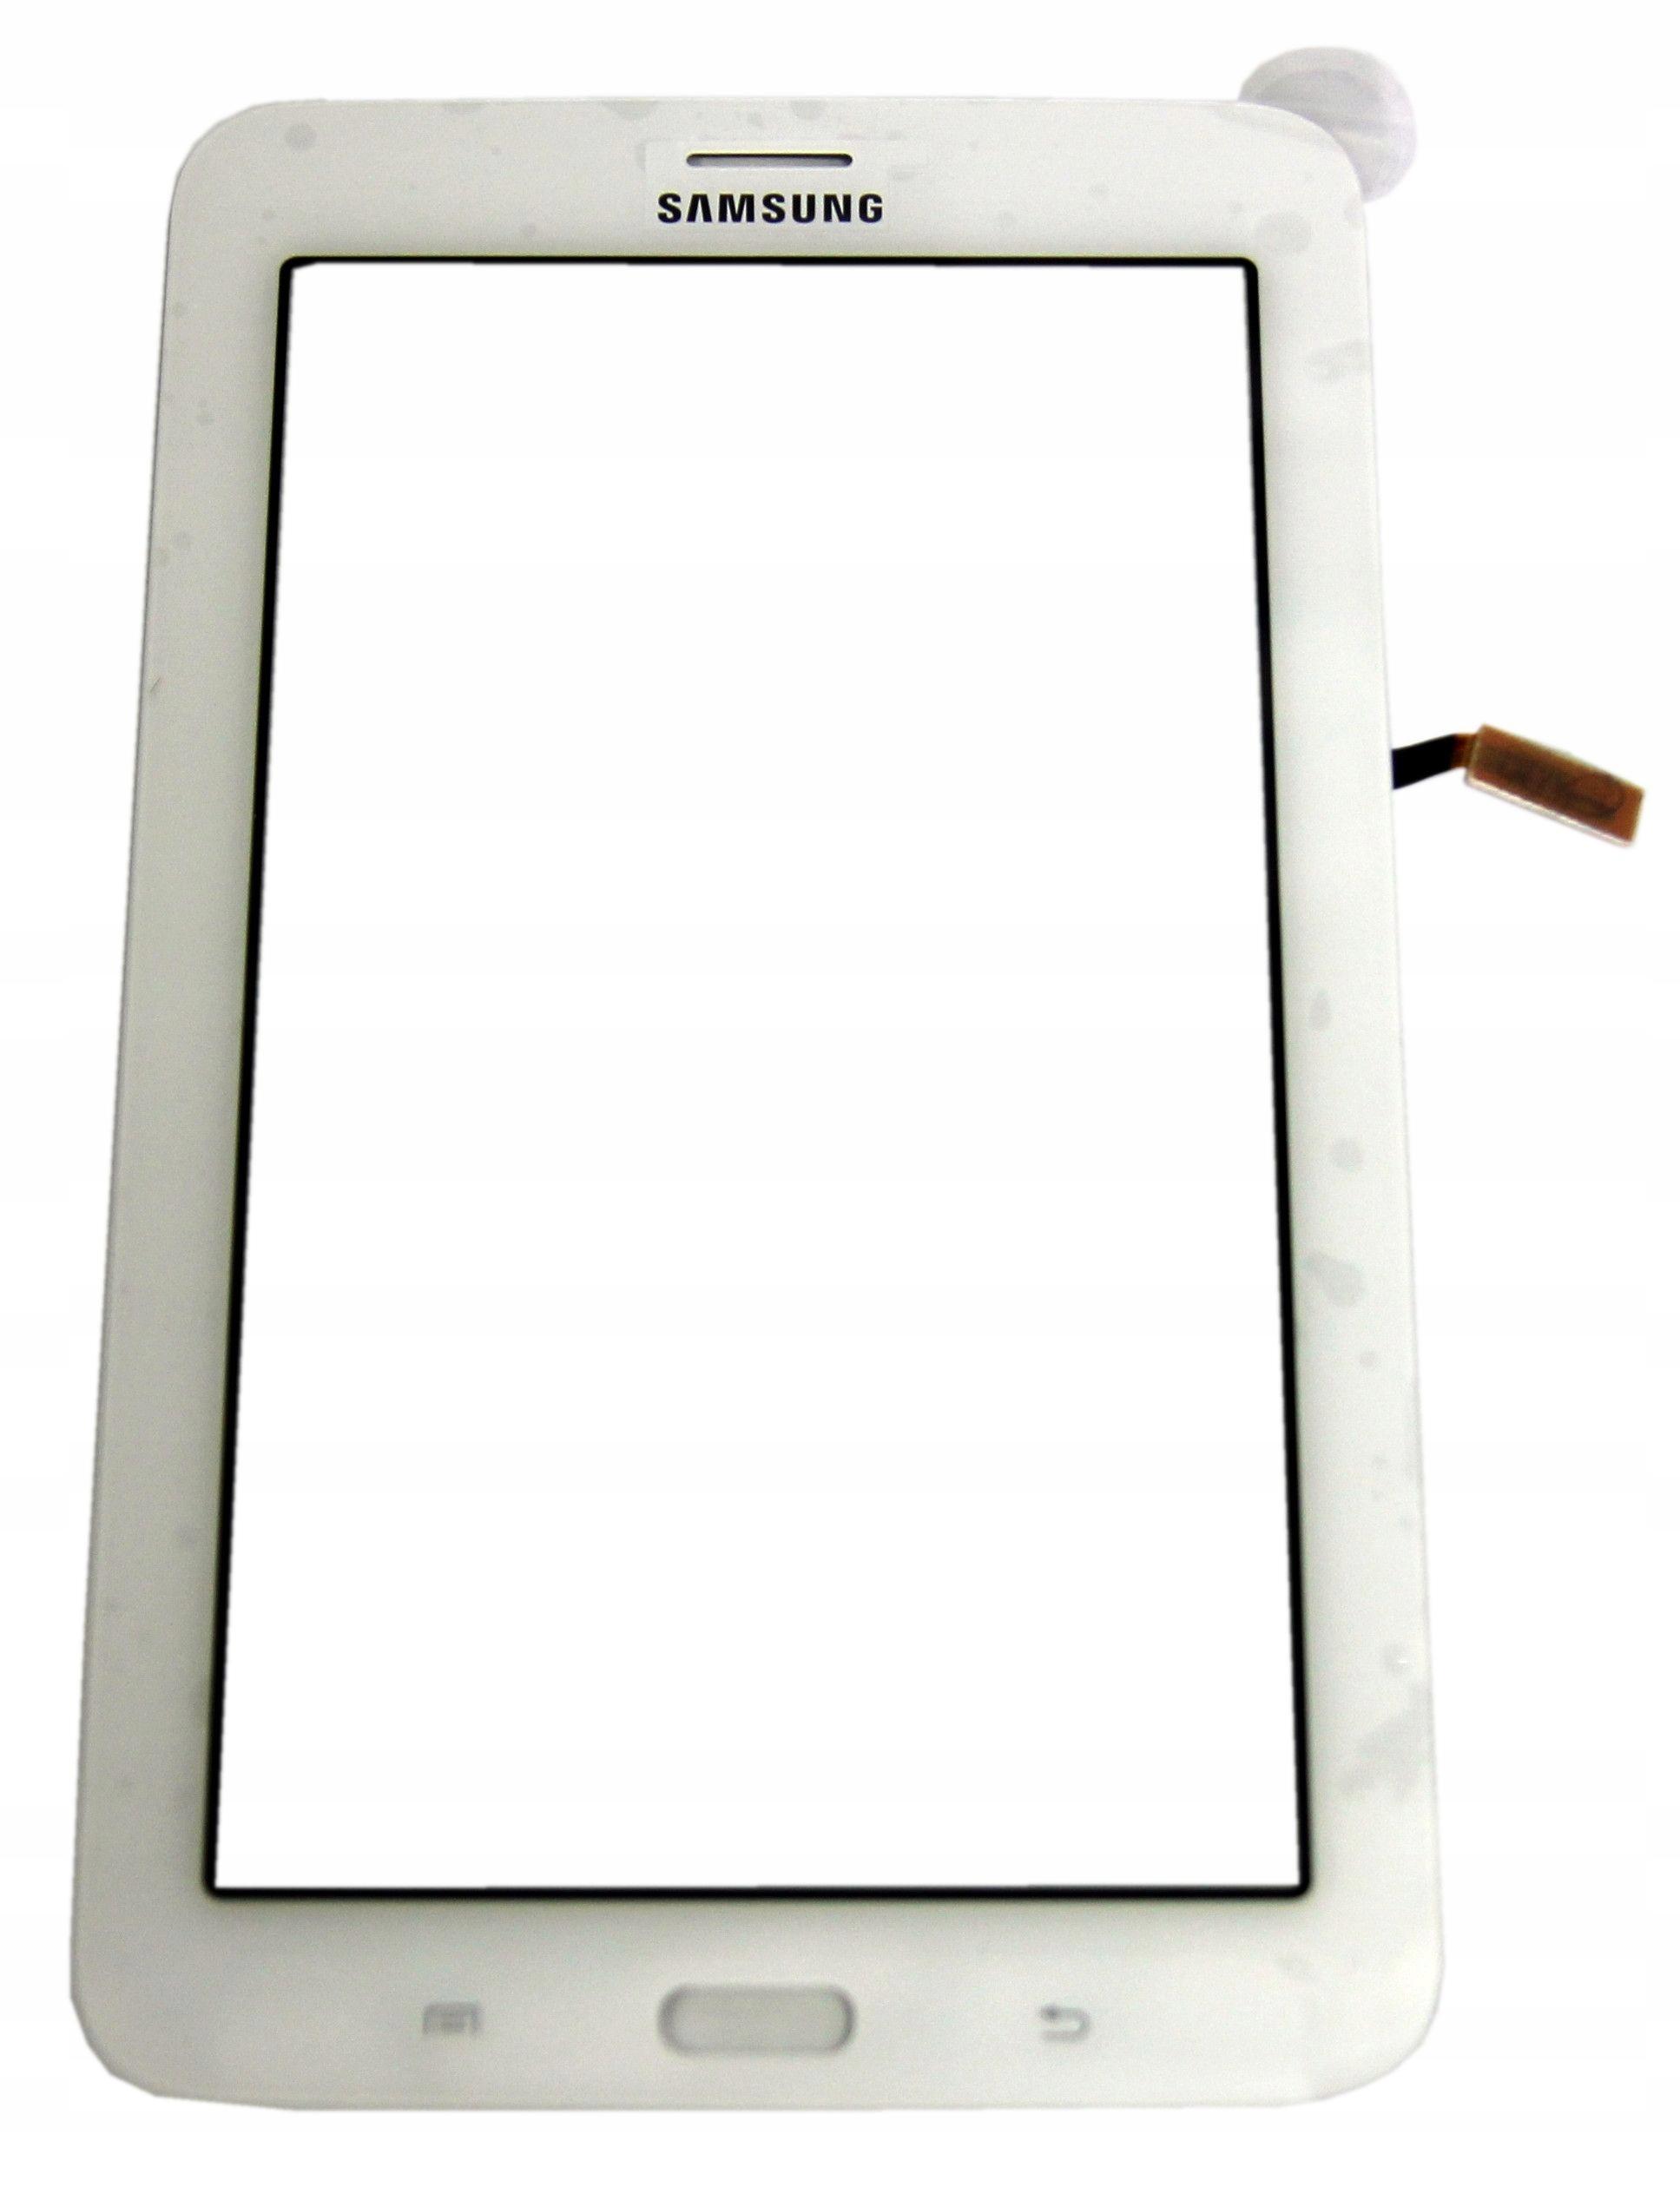 Digitizer Dotyk Samsung Galaxy Tab 3 Lite 70 T111 7297404660 White